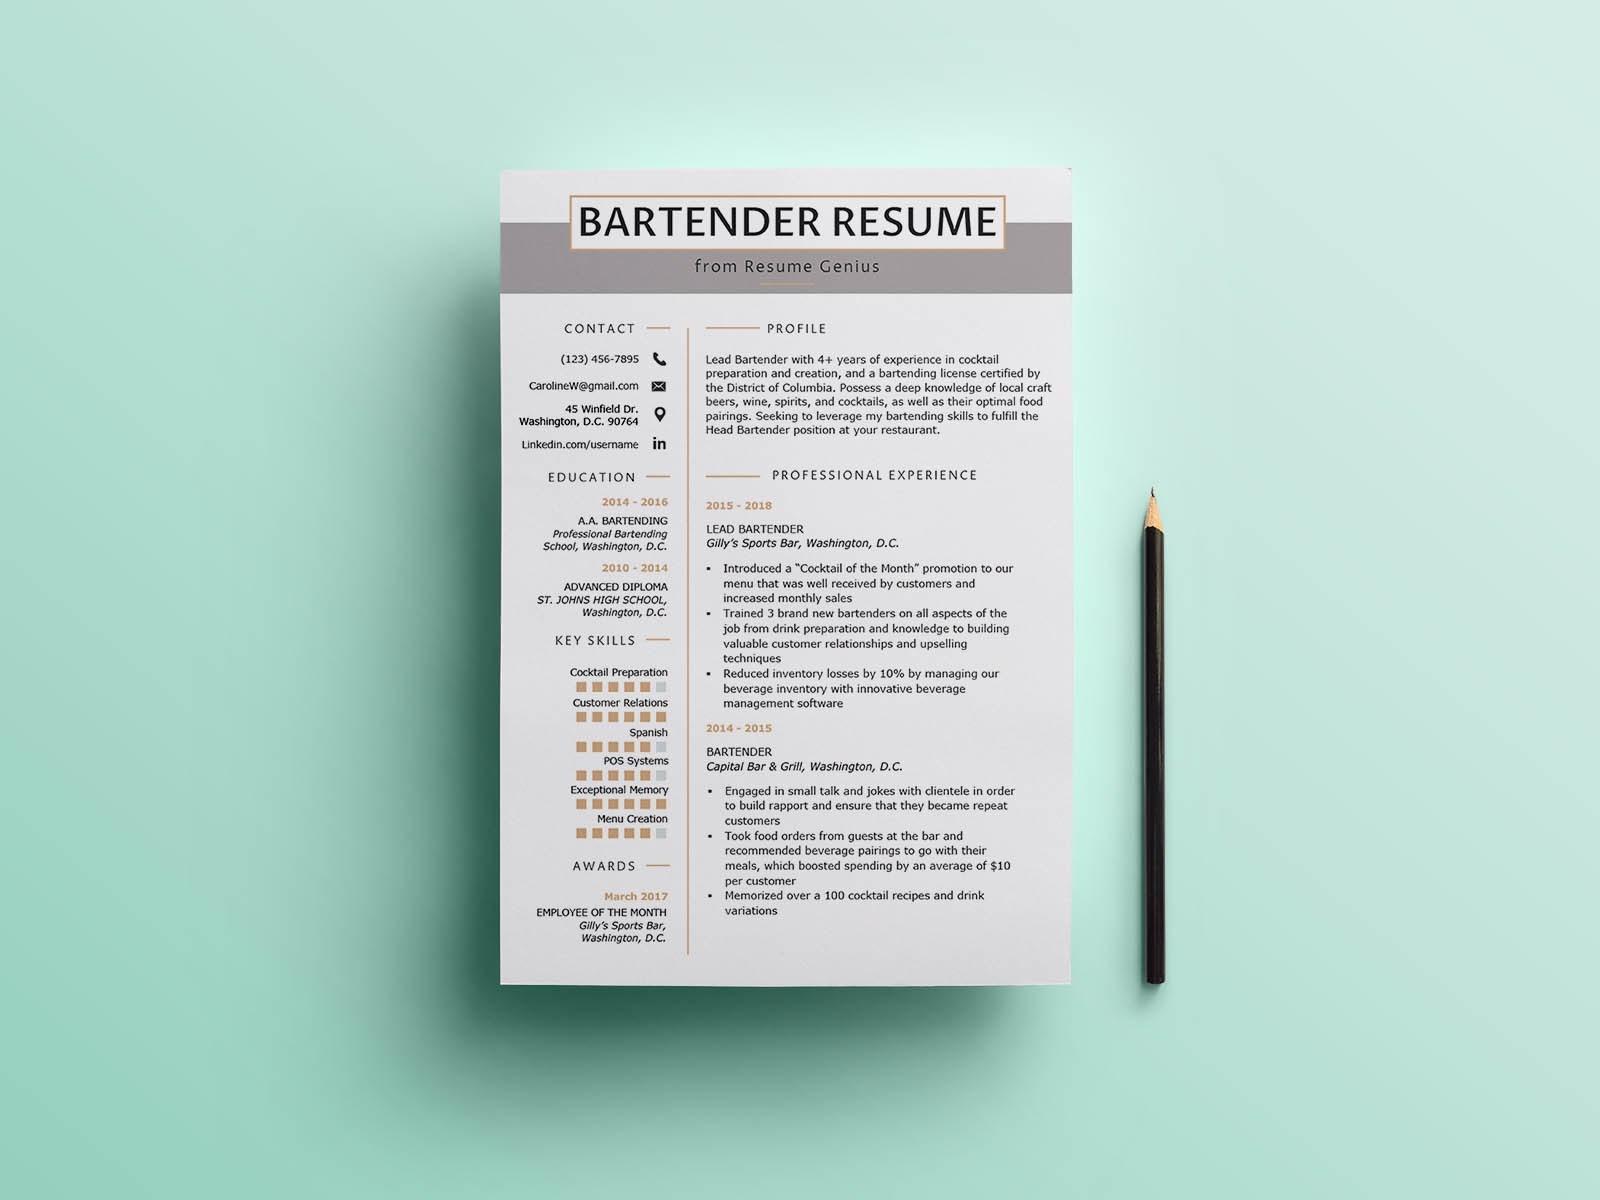 Resume Template For Bartender